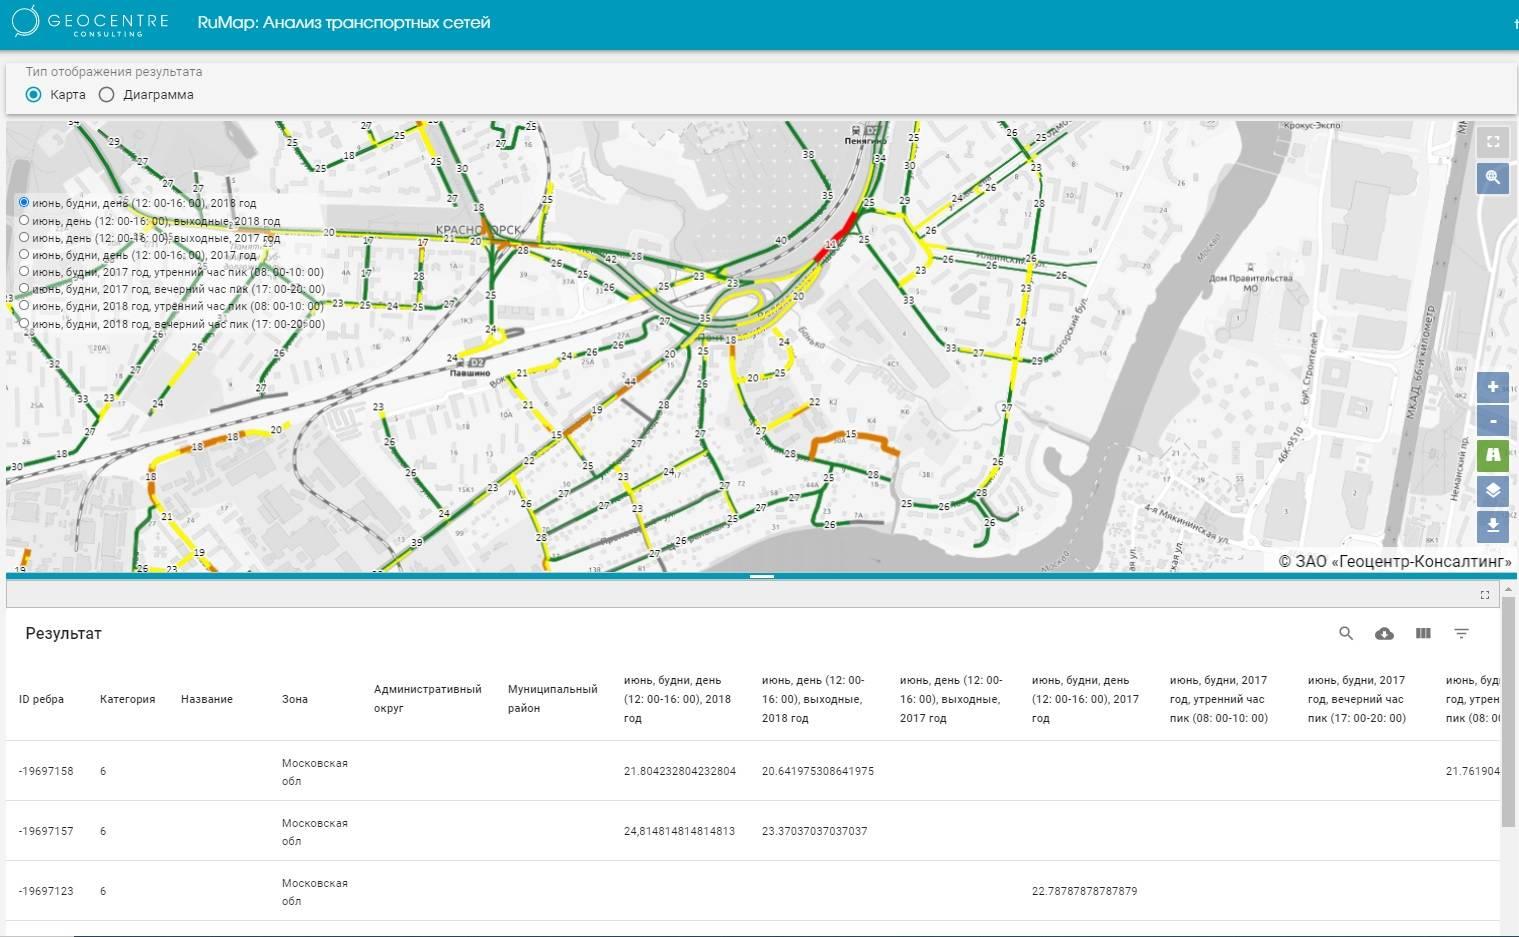 Система анализа транспортных сетей: анализ скорости